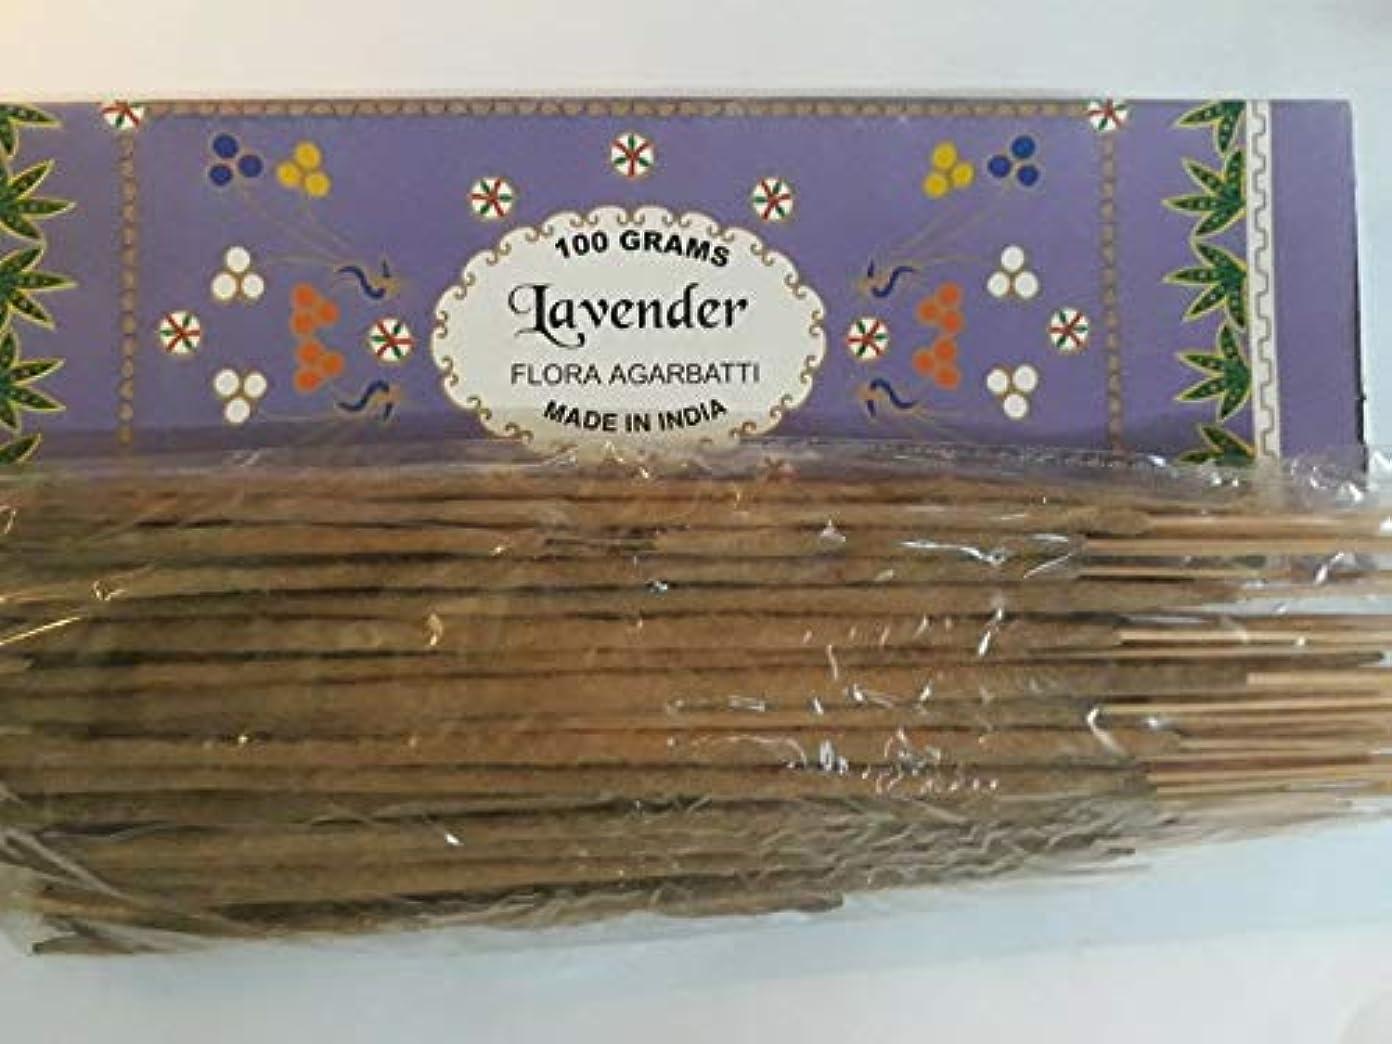 醜い受け皿ブラウズLavender ラベンダー Agarbatti Incense Sticks 線香 100 grams Flora Incense Agarbatti フローラ